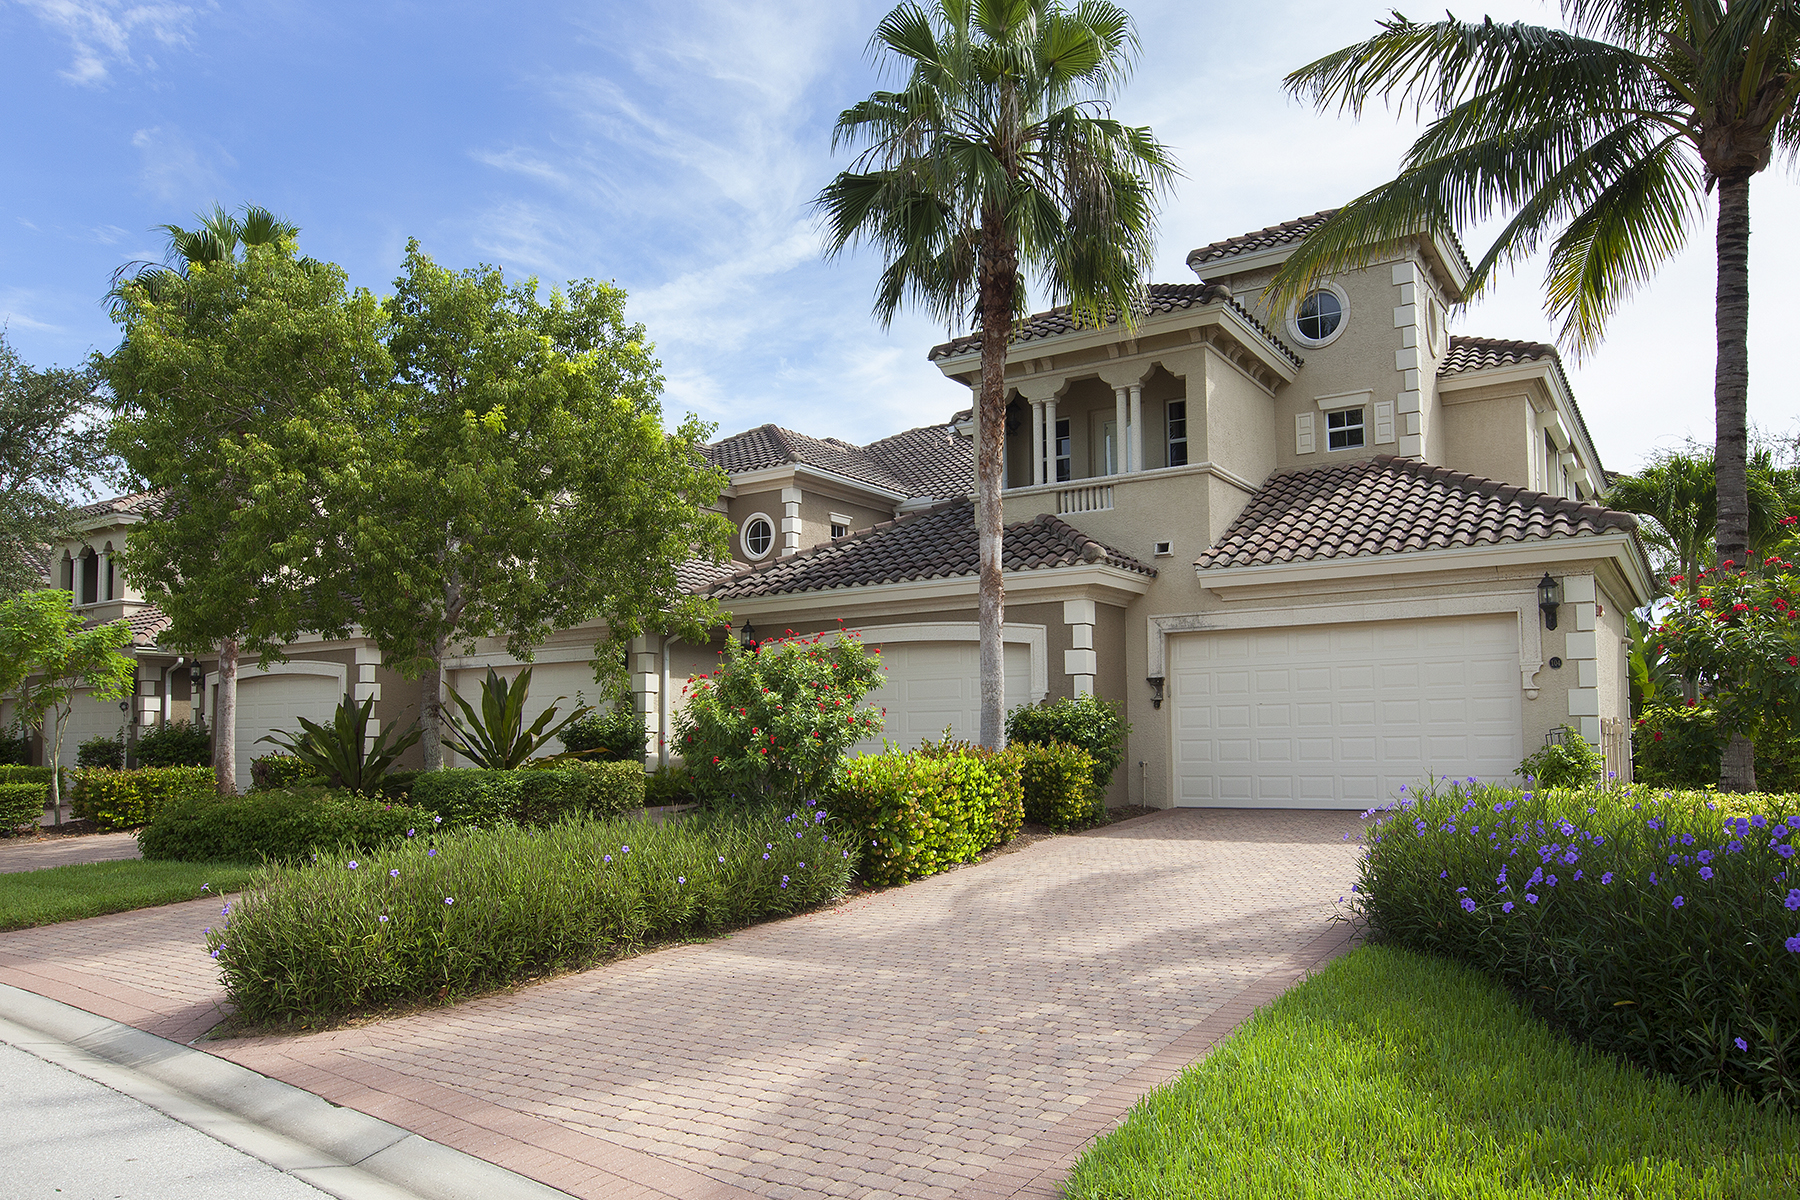 Nhà chung cư vì Bán tại FIDDLER'S CREEK - VARENNA 9270 Campanile Cir 104 Naples, Florida, 34114 Hoa Kỳ